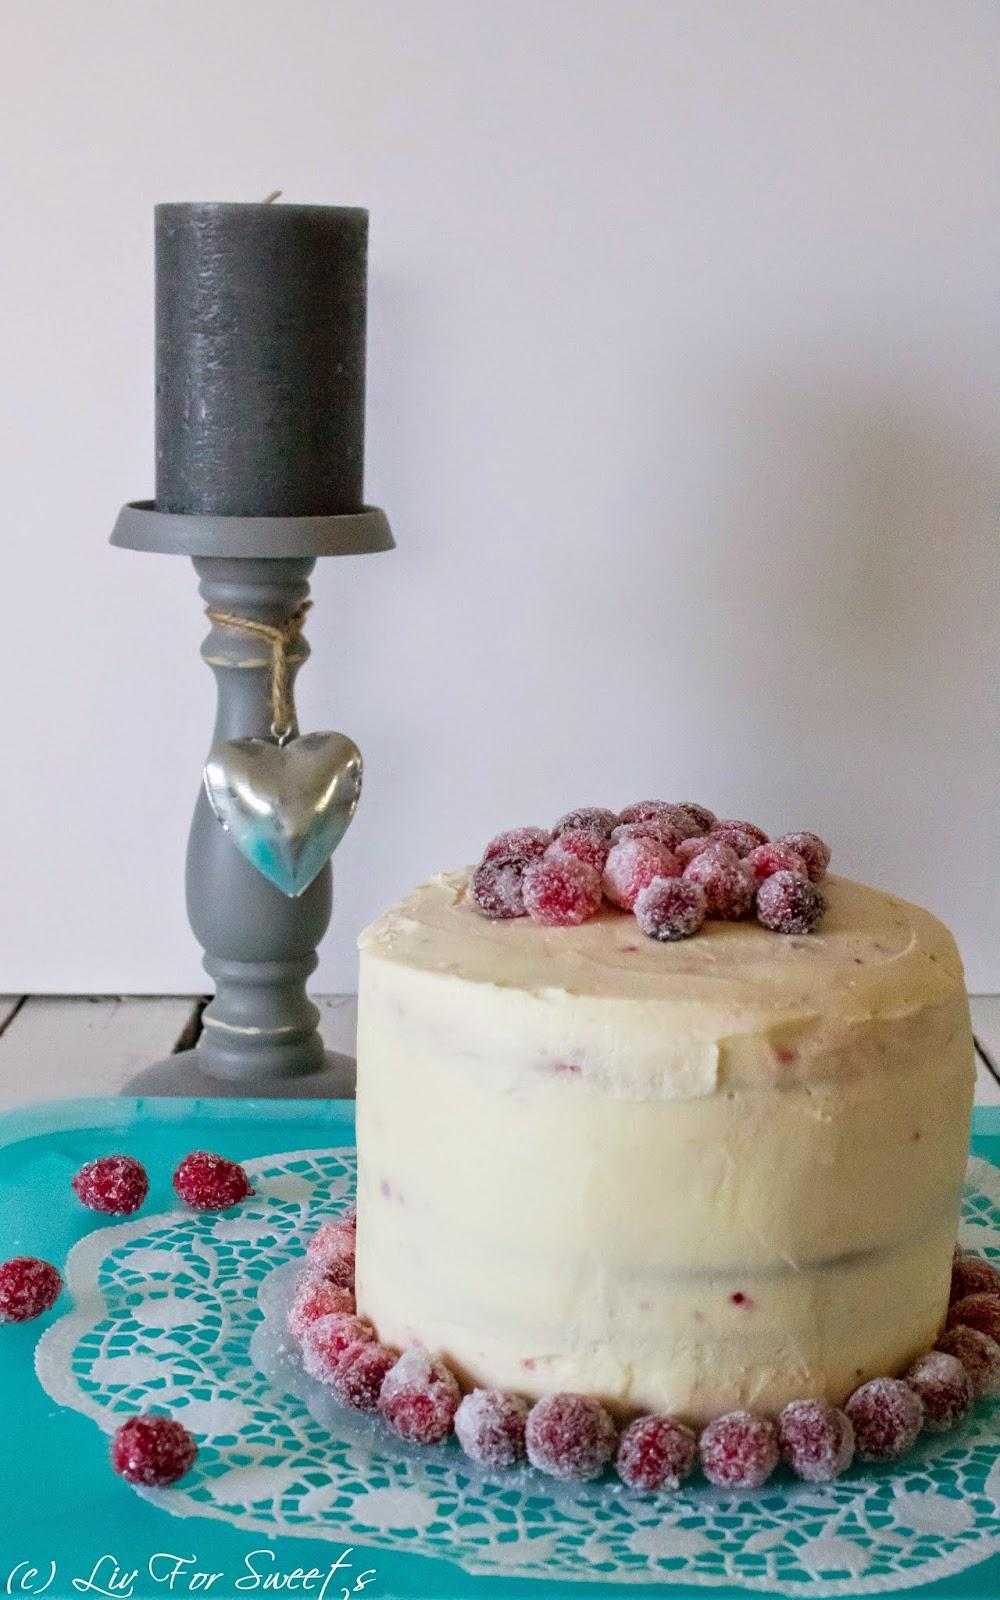 Cranberry-Zitronen-Torte mit gezuckerten Cranberryies und Cranberrykonfitüre, Wilton Easy Layer Cake Set, Rezept auch für den Thermomix